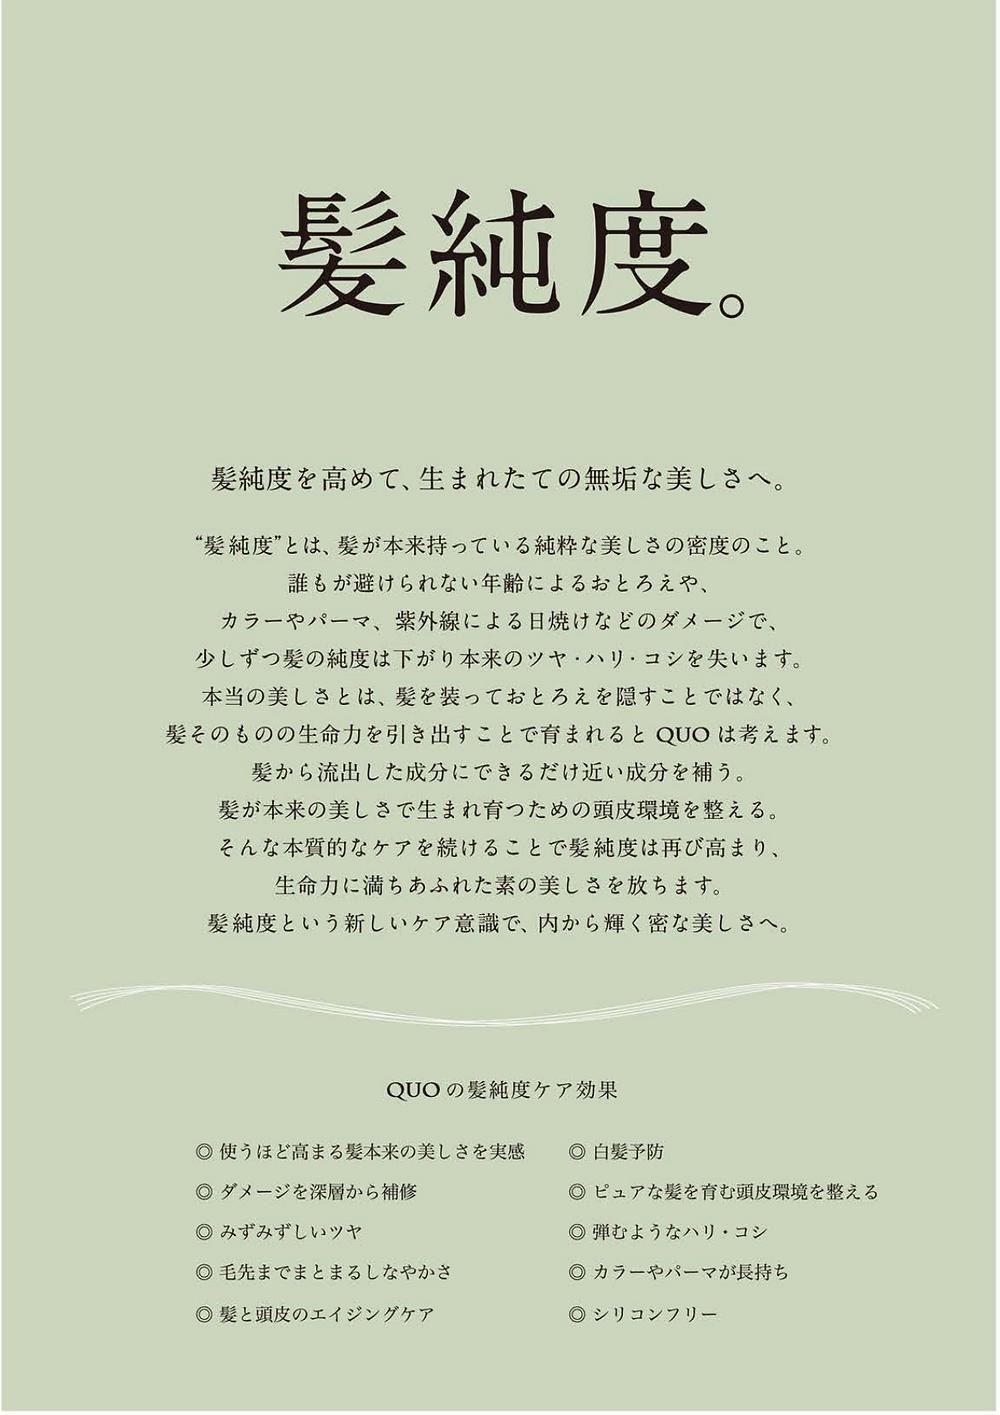 美容院 ダフ 茅ヶ崎 アマトラシャンプー